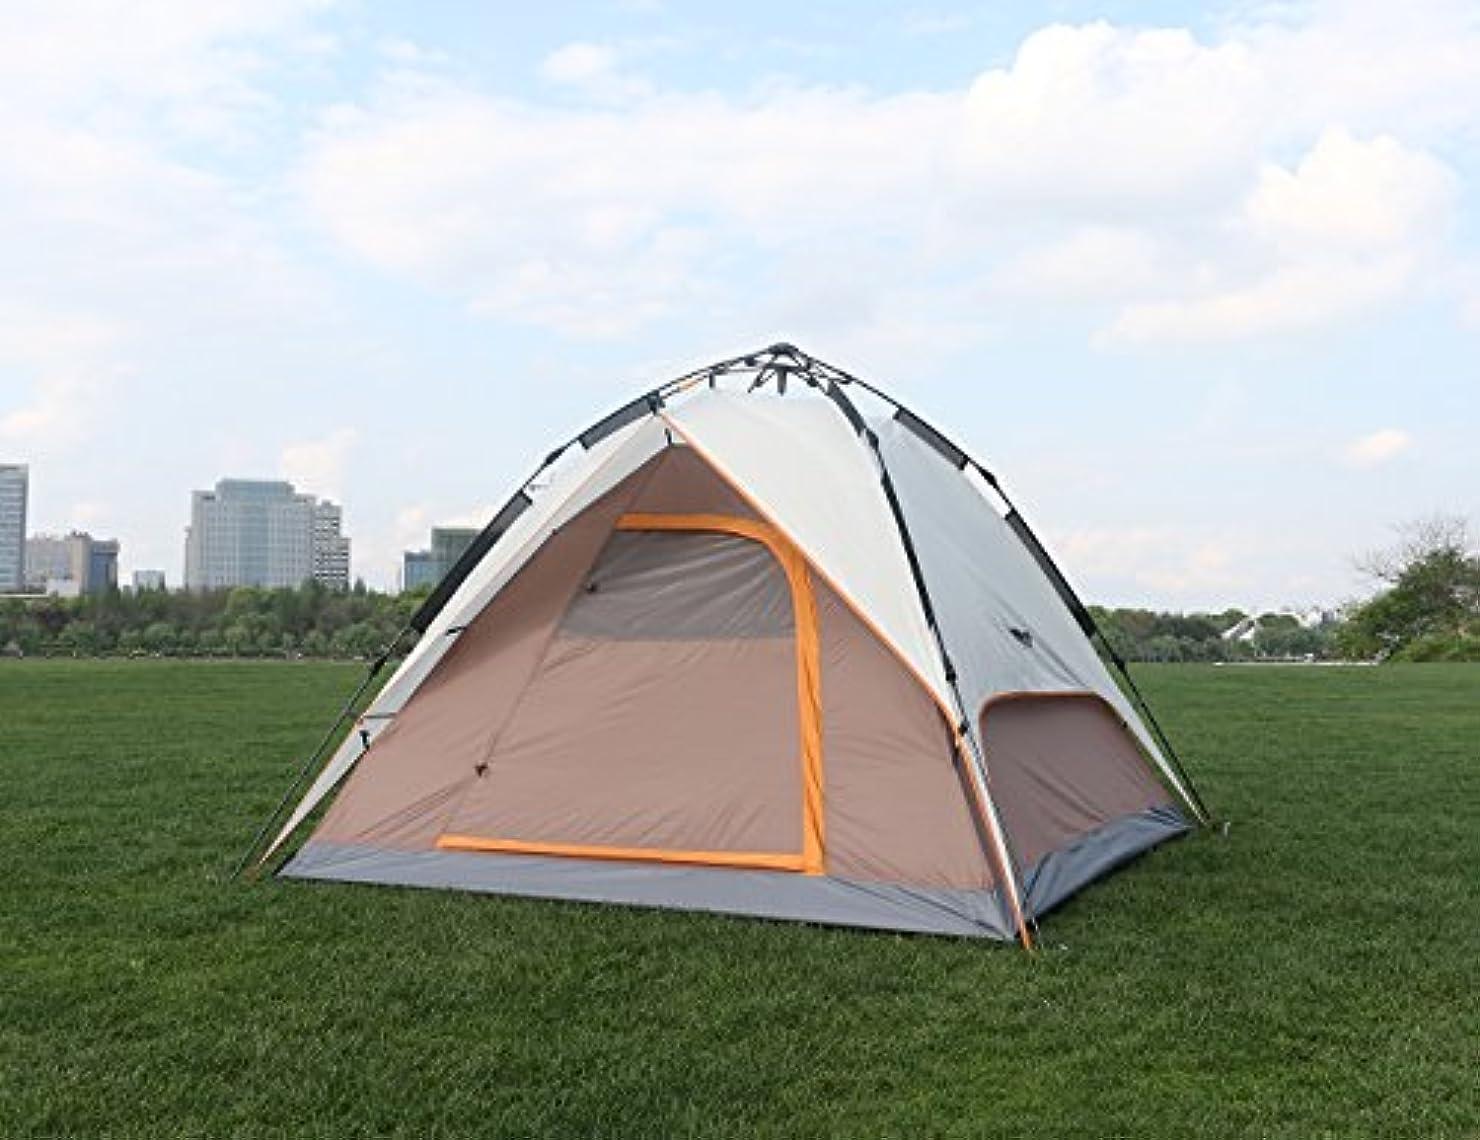 安息パドルシードLuxe Tempo アウトドア キャンプ用品 液圧式テント 4人用 テント 設営簡単 液圧式自動 防災用 防水 通気性